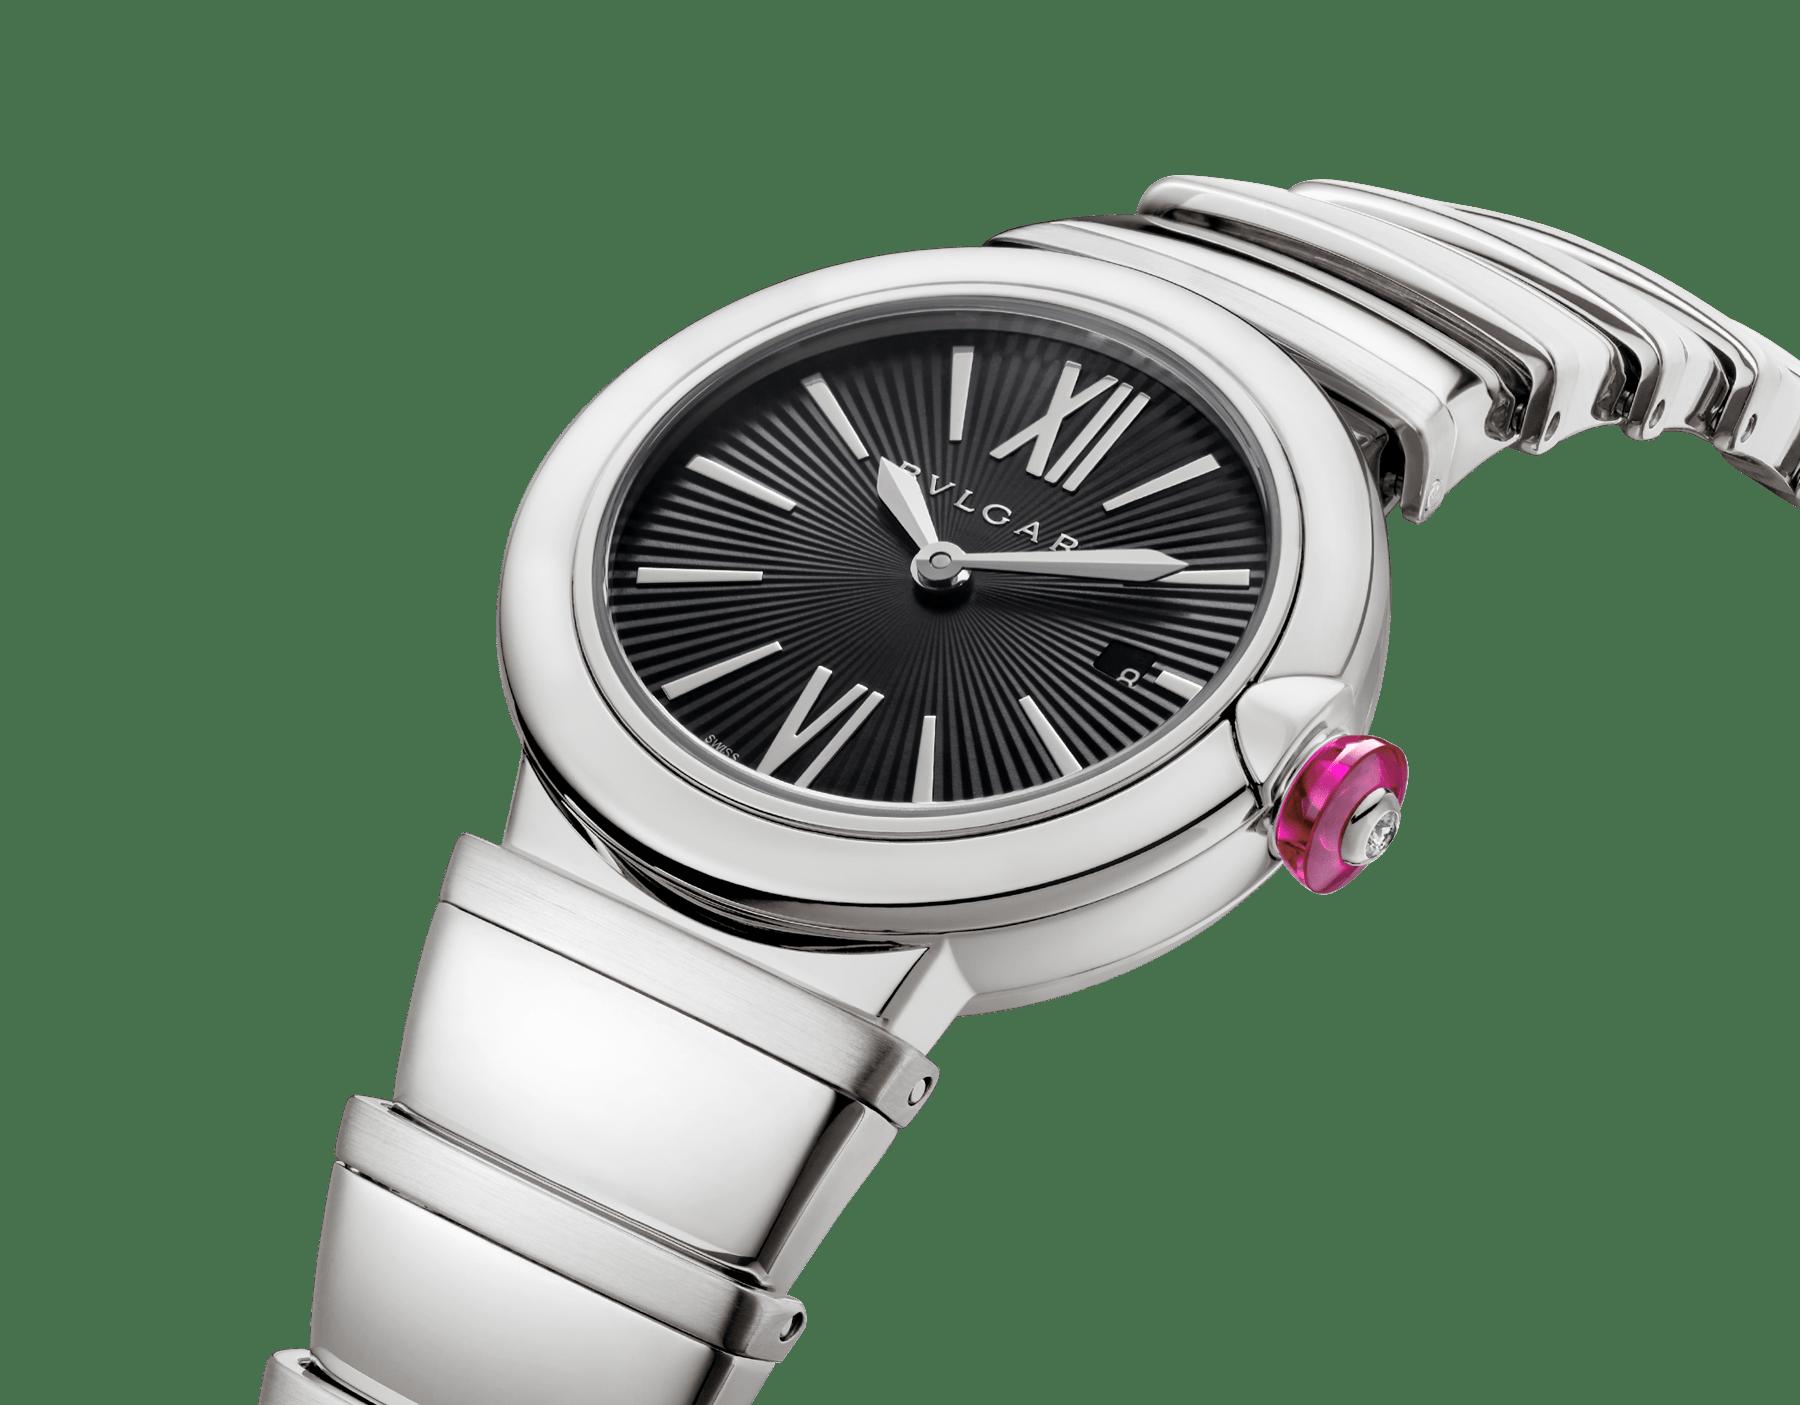 Montre LVCEA avec boîtier et bracelet en acier inoxydable, cadran noir. 102690 image 2